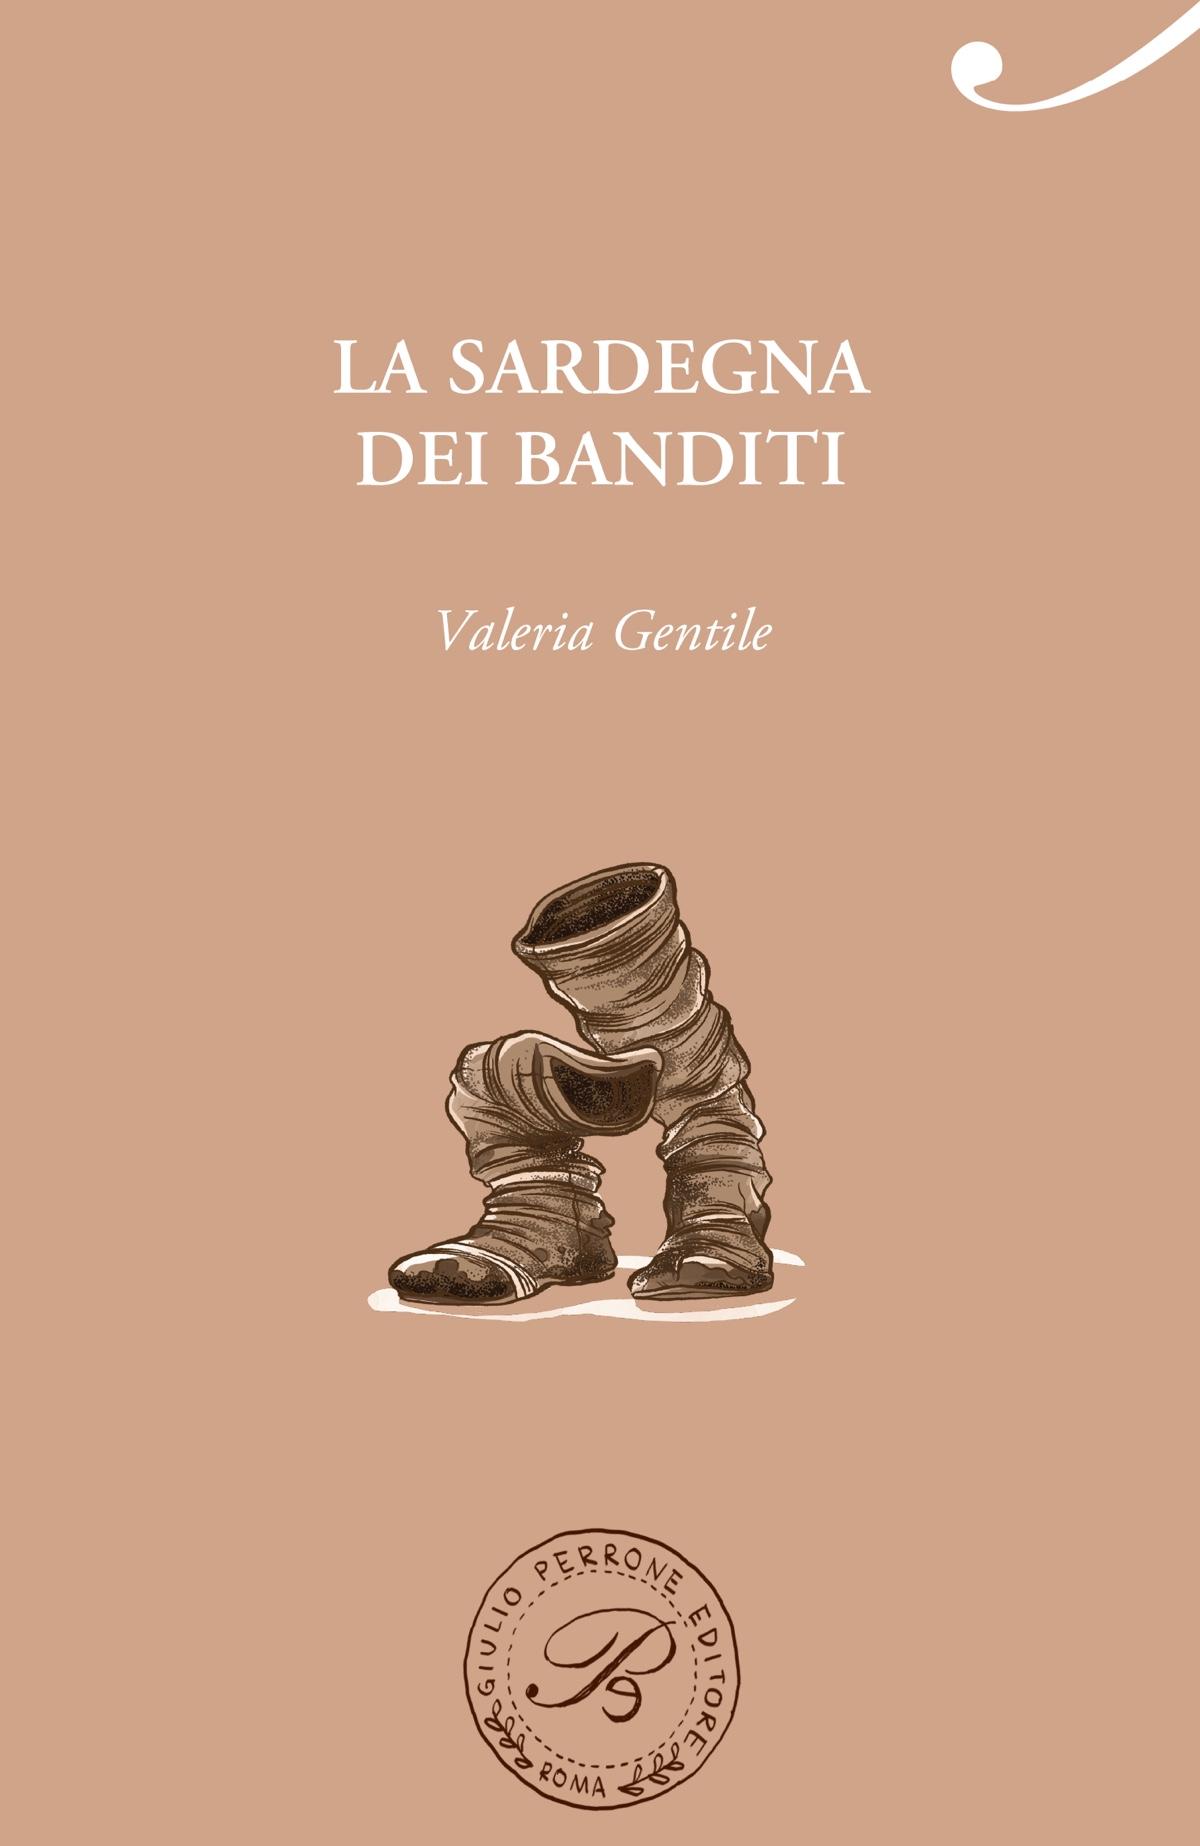 La Sardegna dei banditi